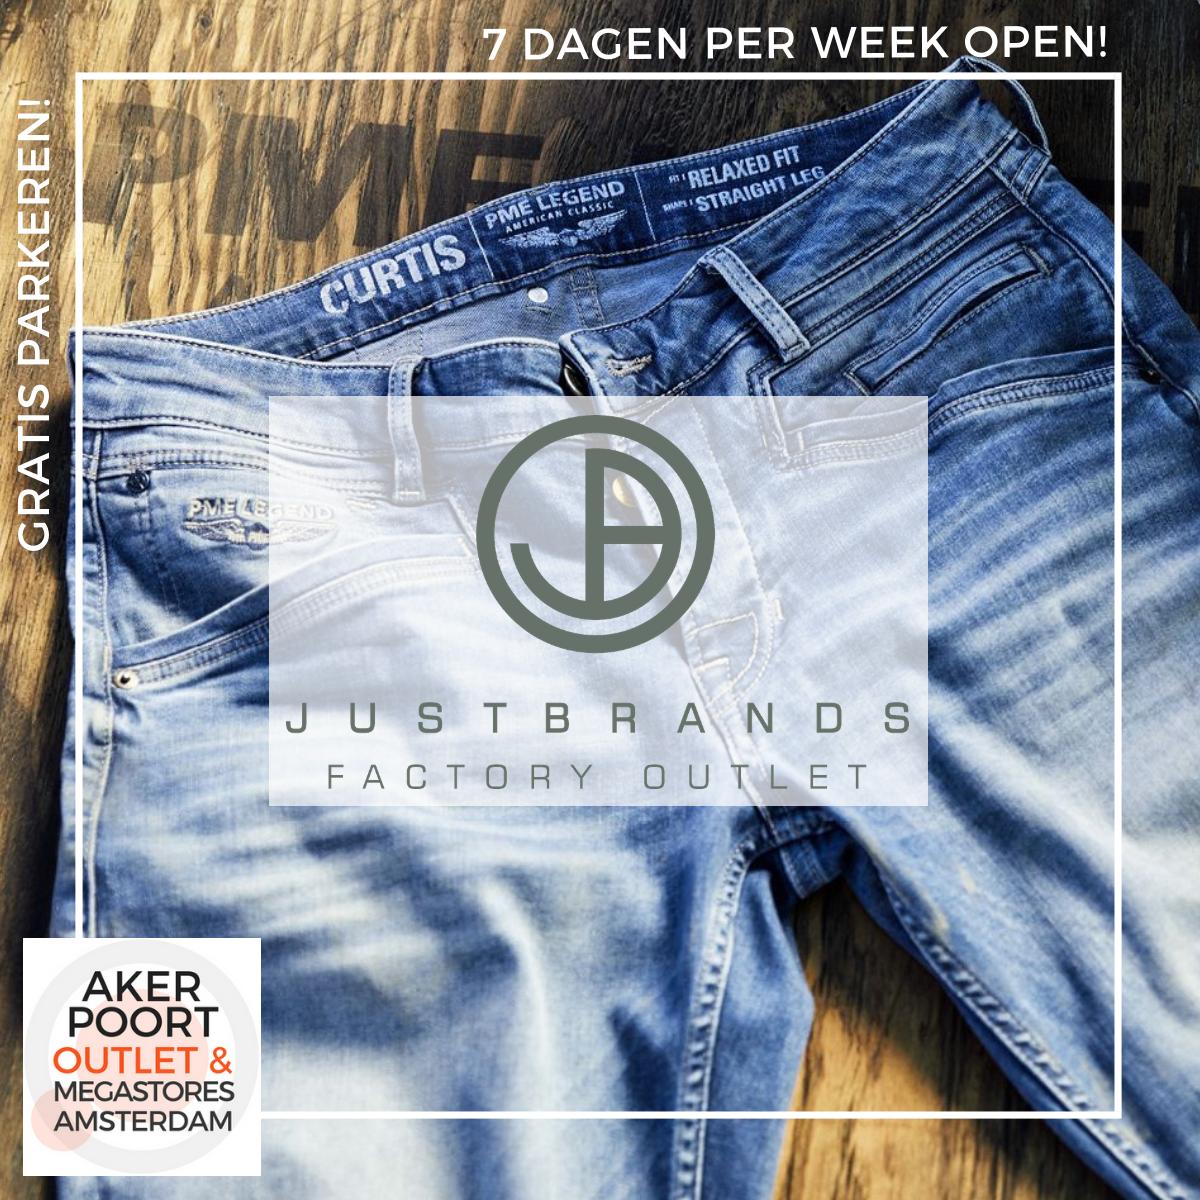 kwaliteit ontwerp goedkope verkoop dichterbij Bij de Just Brands Factory Outlet in Koopcentrum Akerpoort ...